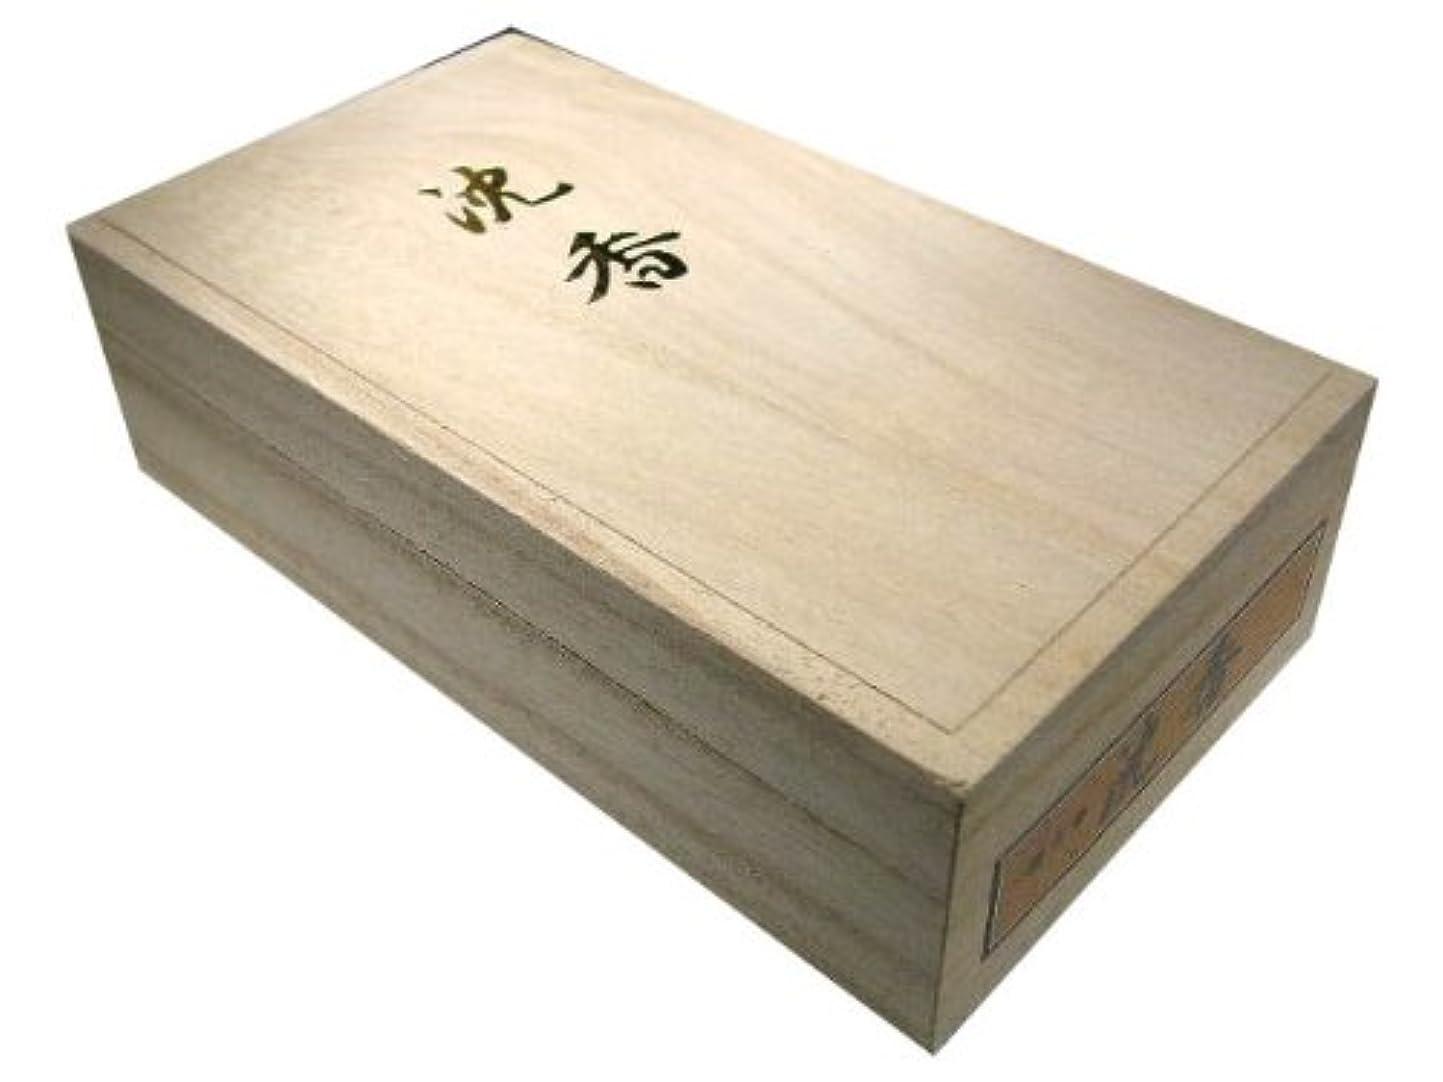 ゆりかご市場織る沈香 煙少香 桐箱入 (120g)